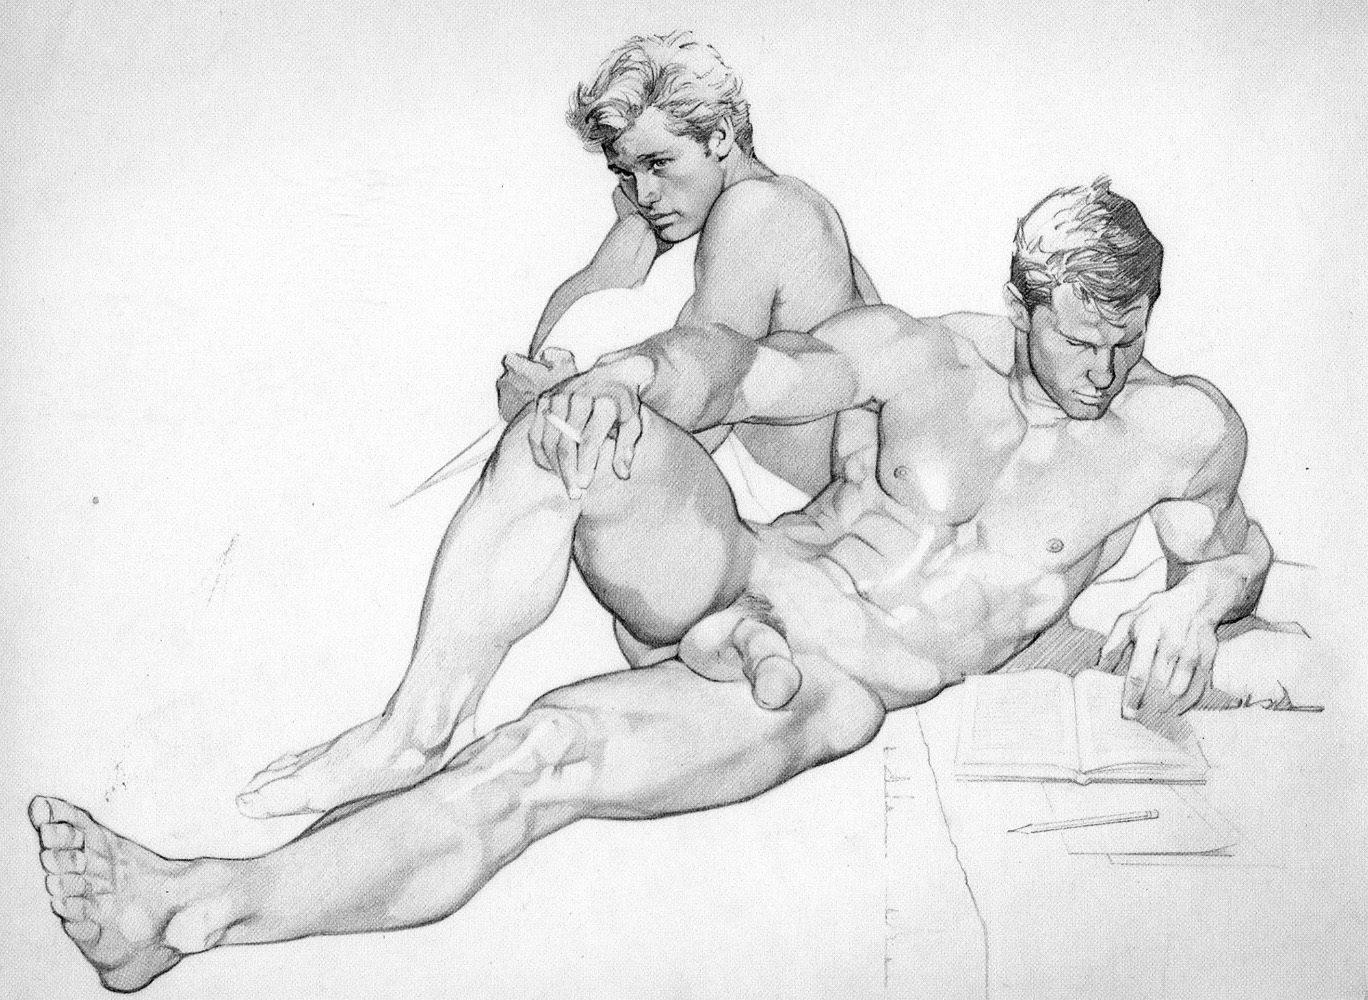 Рисует голого парня 2 фотография